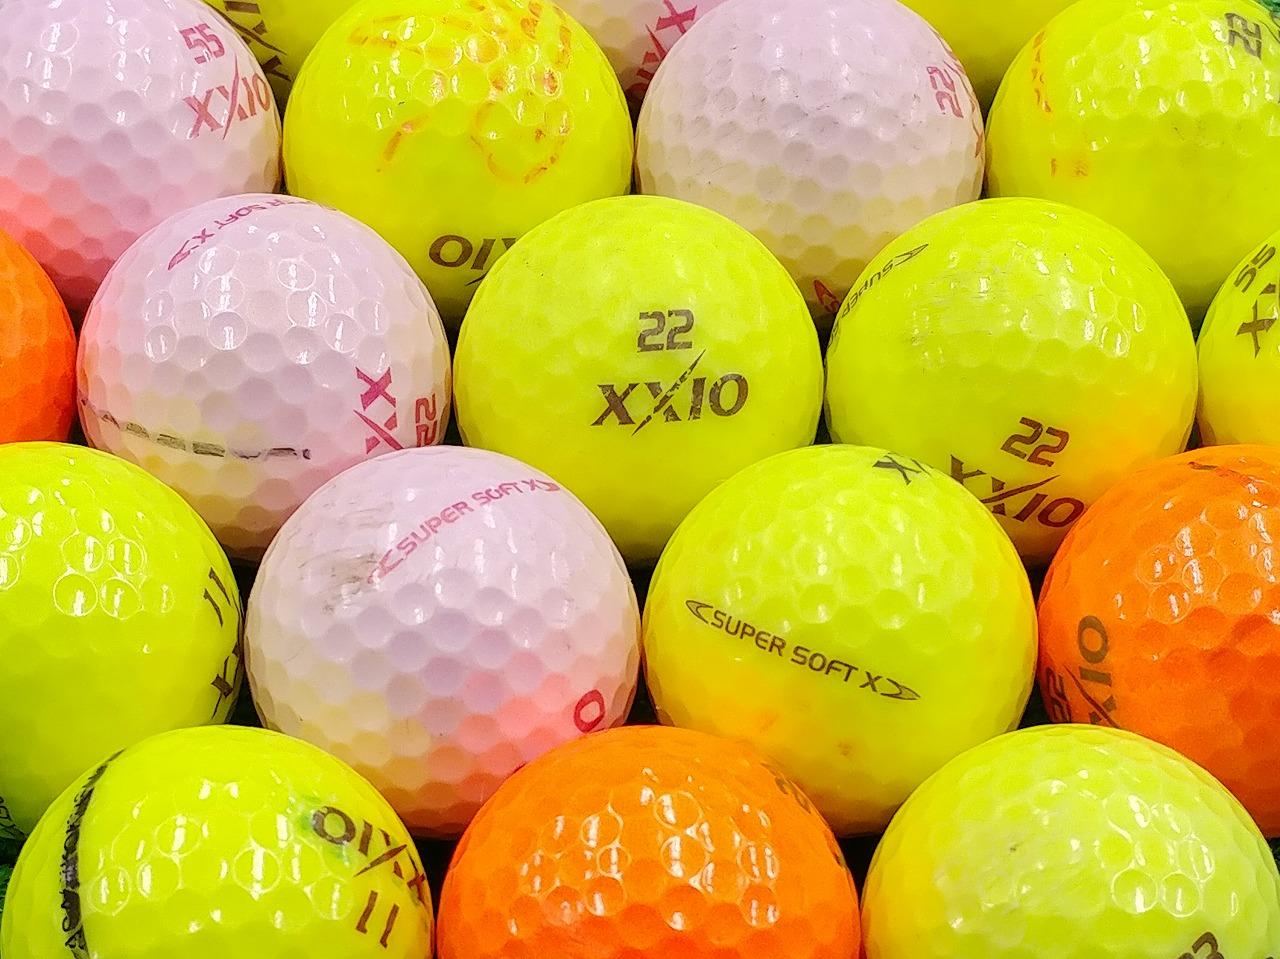 【Bランク】XXIO(ゼクシオ) SUPER SOFT X カラーボール混合 2017年モデル 1個